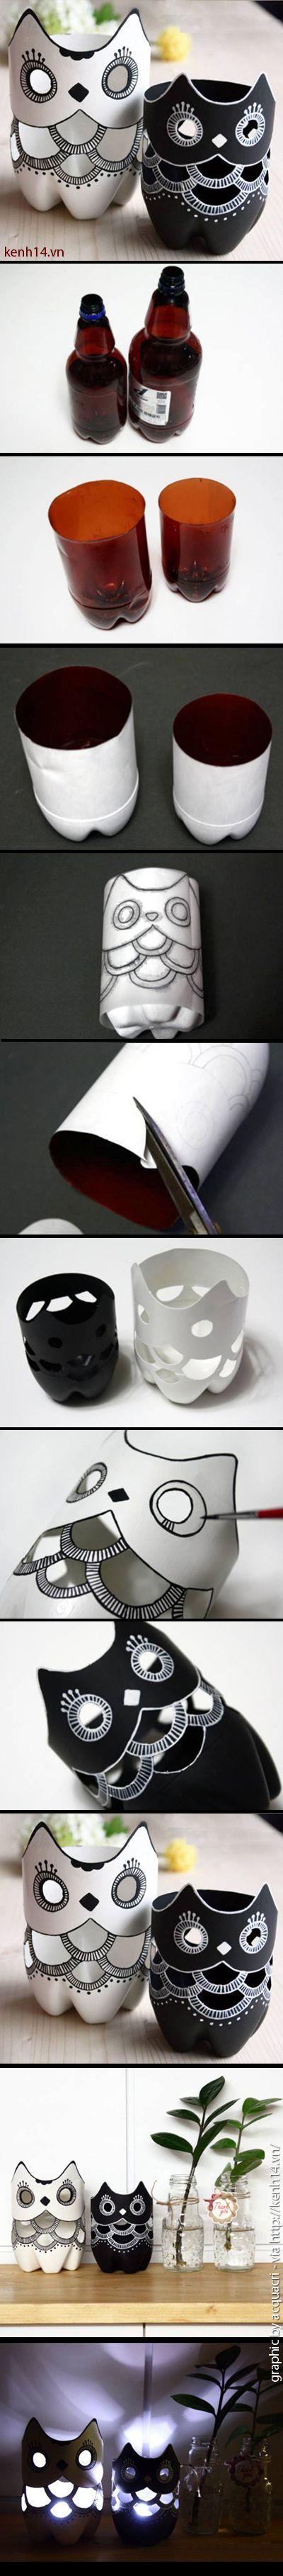 how to make a lamp owl | come fare lampade-gufo riciclando bottiglie di plastica | #howtomake #ricycling #owls #riciclocreativo